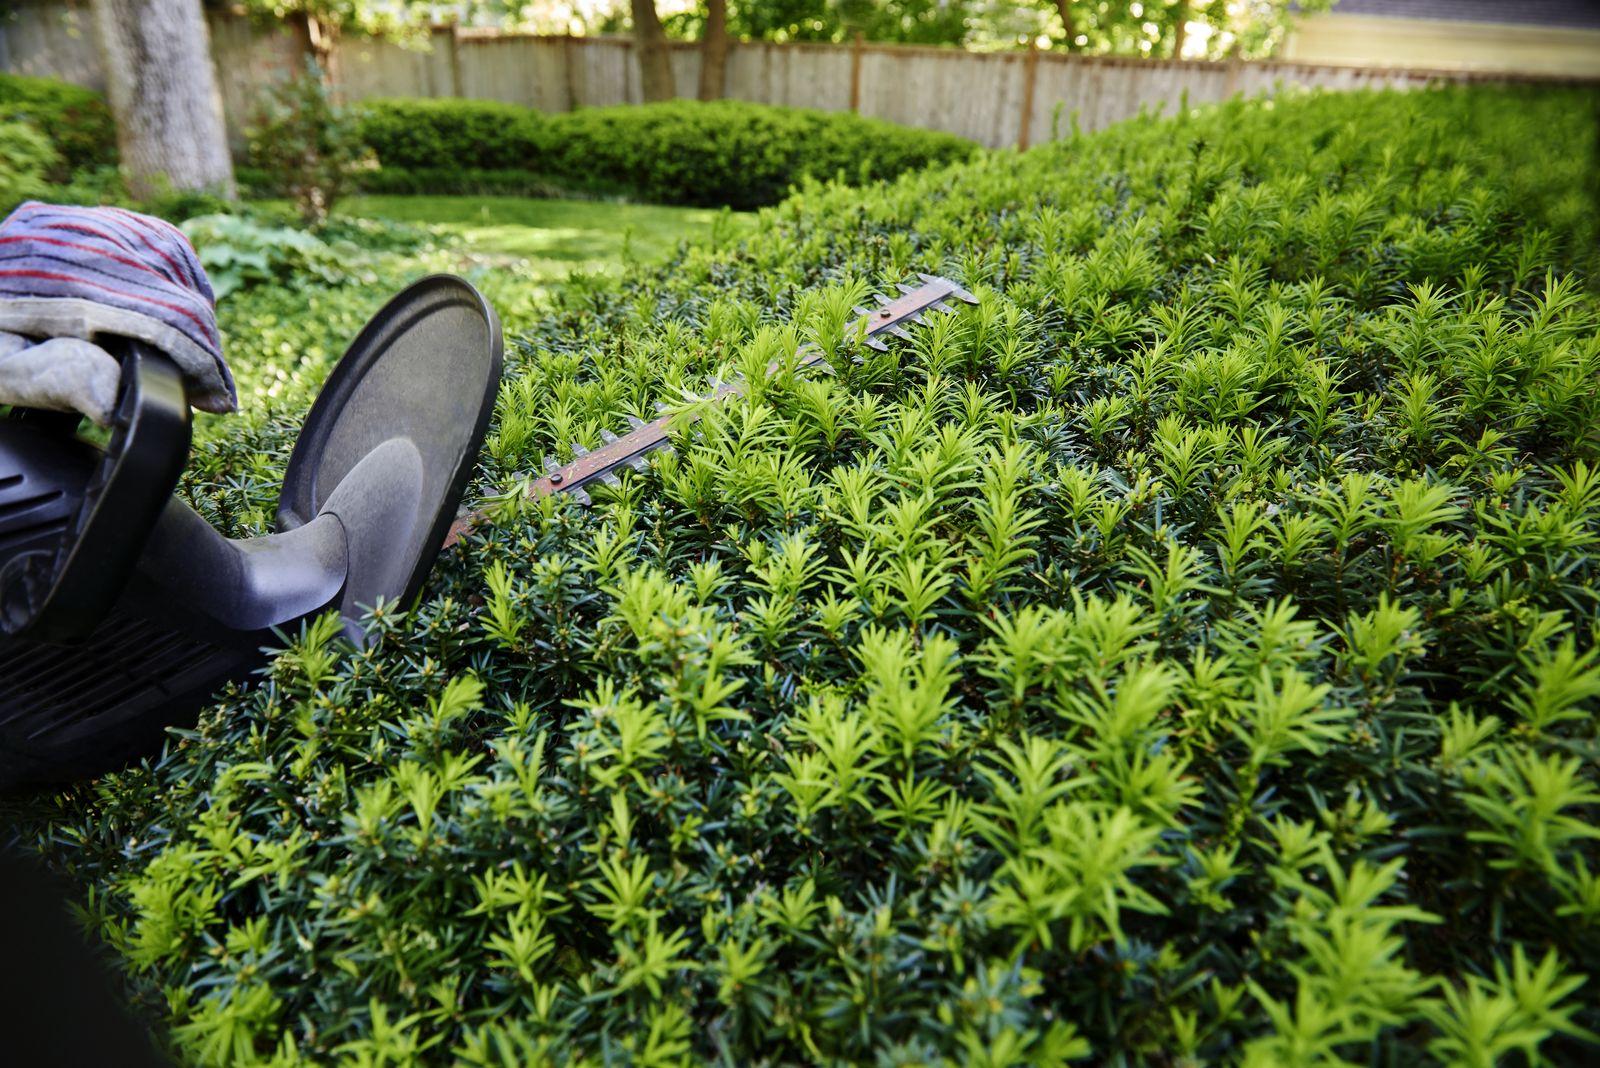 Fabelhaft Eiben düngen: Pflege-Tipps zum Düngen von Eiben-Hecken - Plantura @QK_38